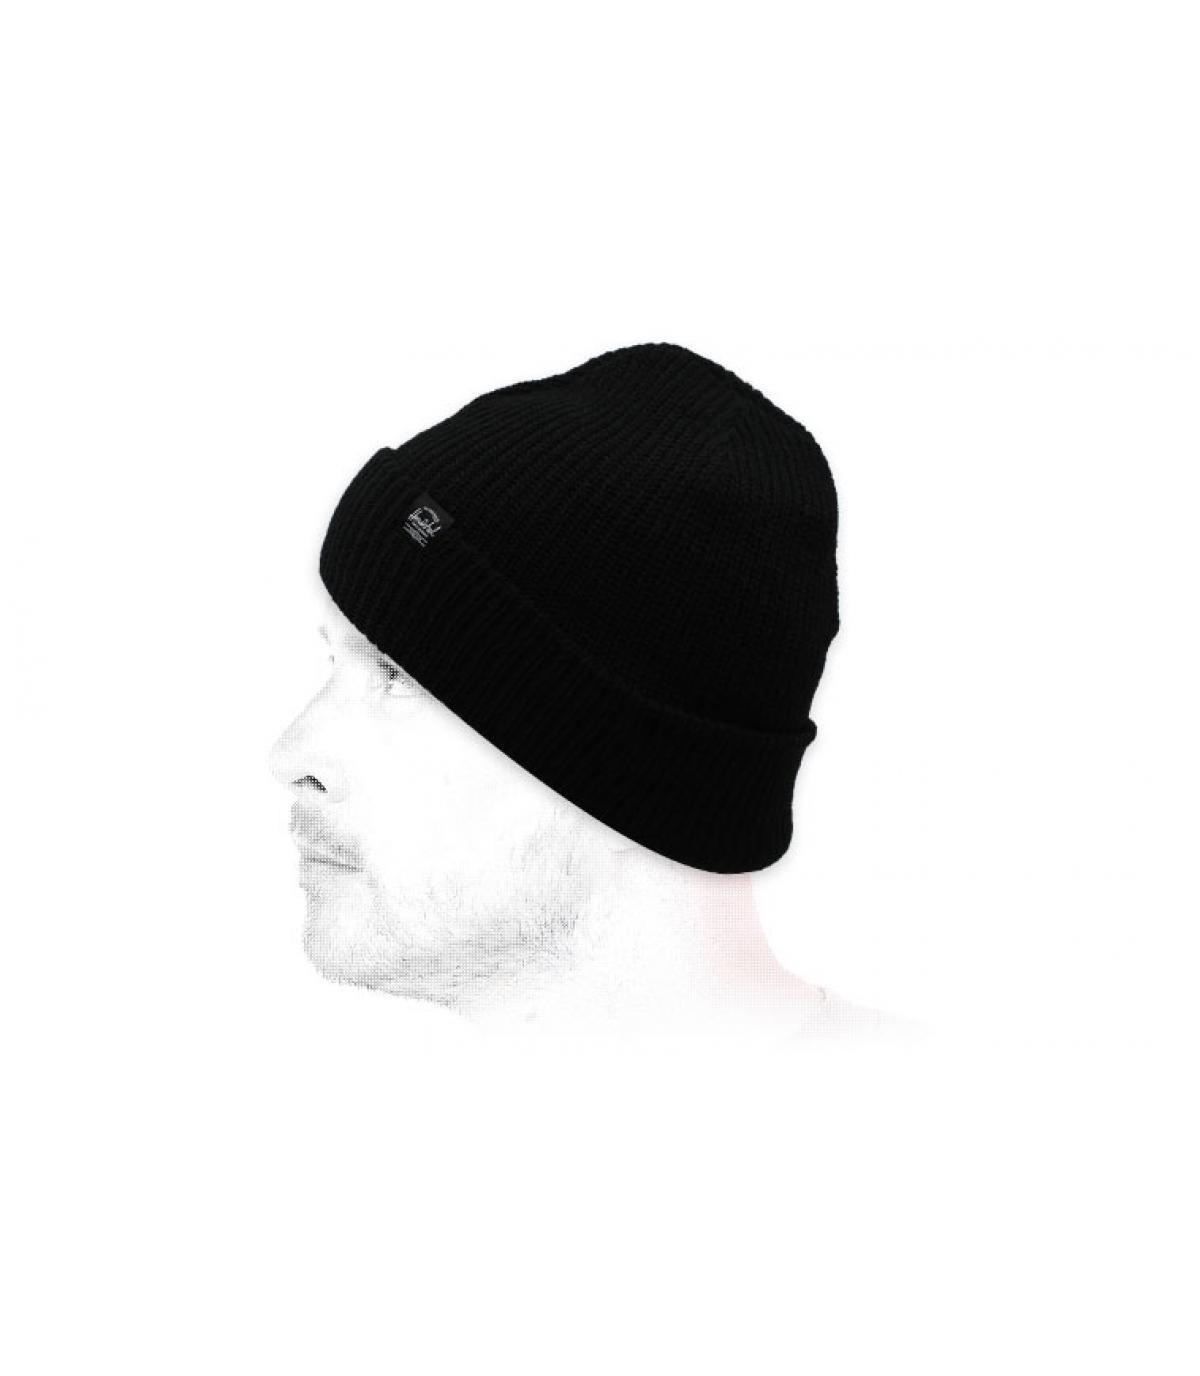 bonnet revers noir Herschel